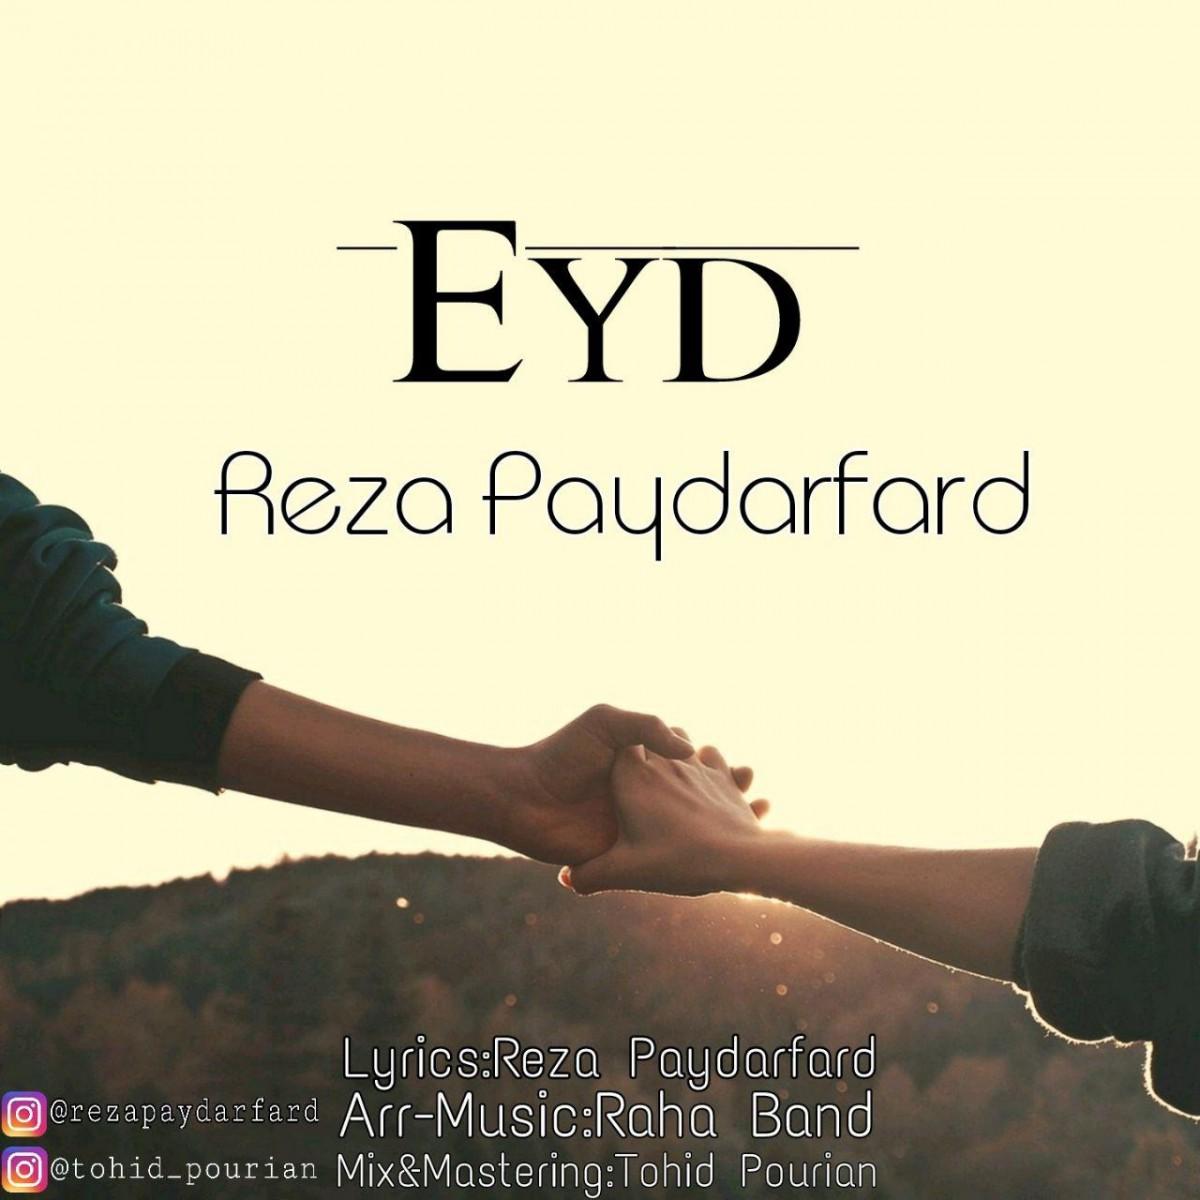 نامبر وان موزیک | دانلود آهنگ جدید Reza-Paydarfard-Eyd